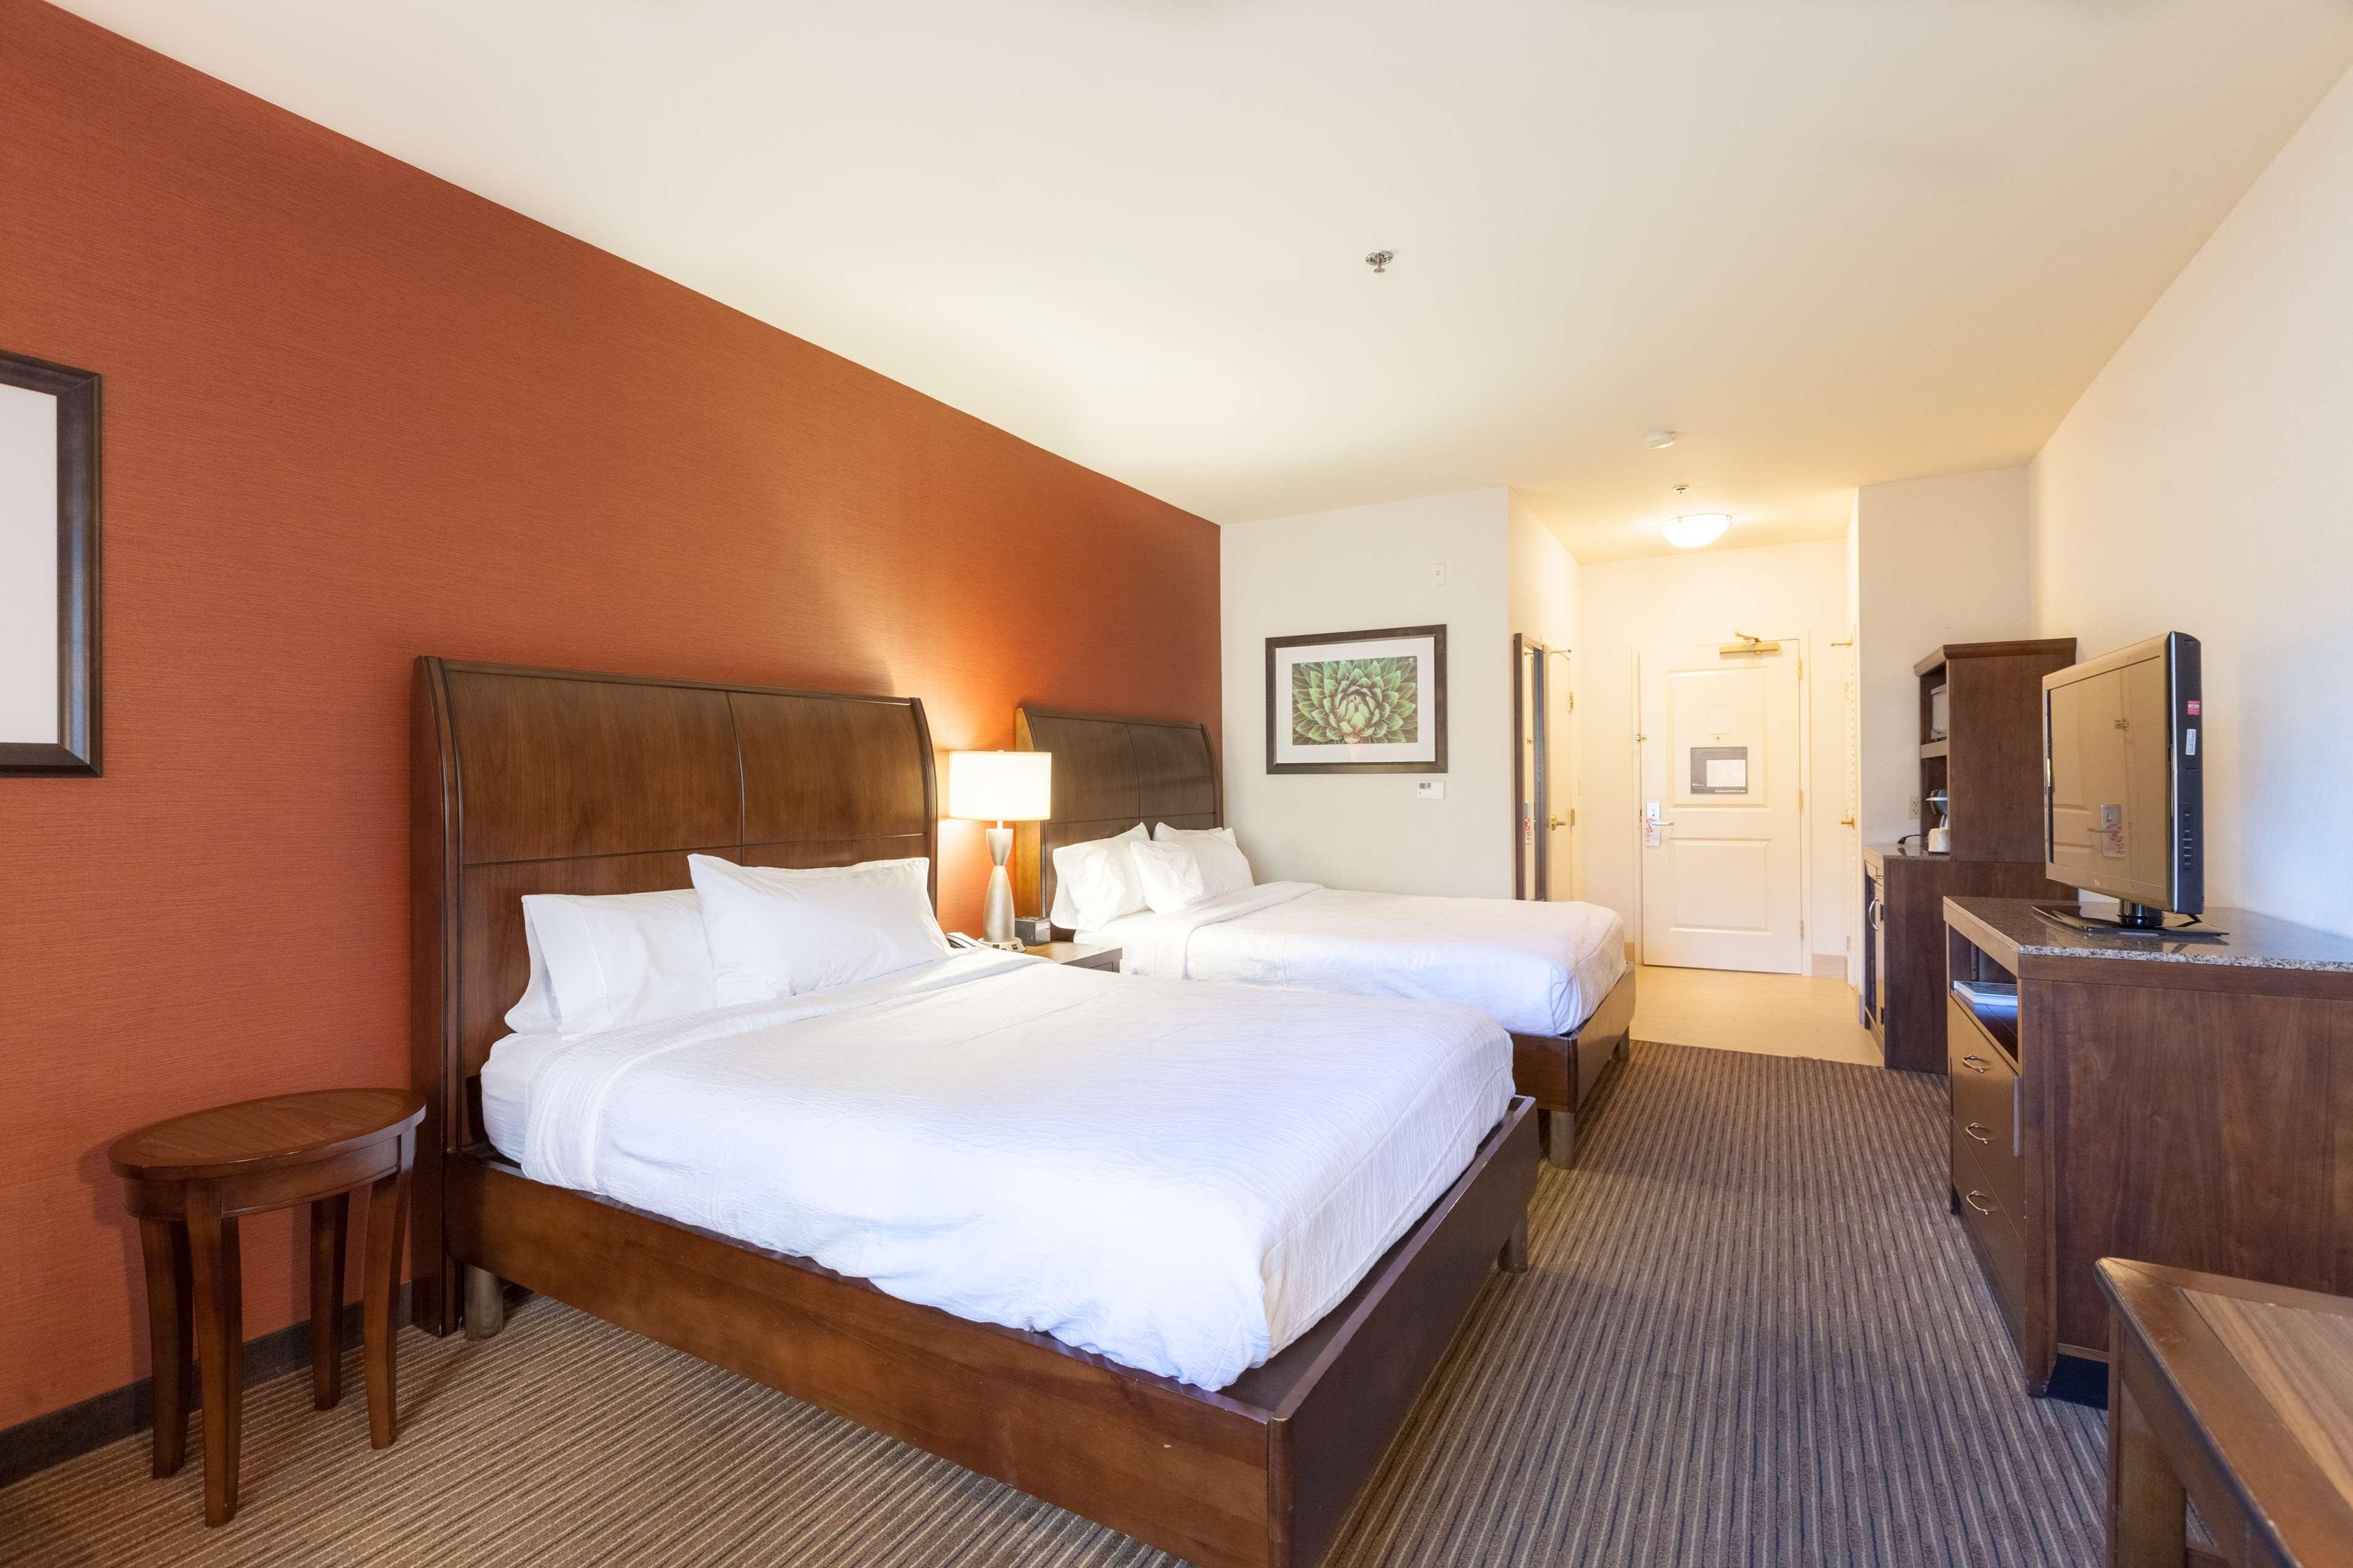 Hilton Garden Inn Palm Springs/Rancho Mirage image 21